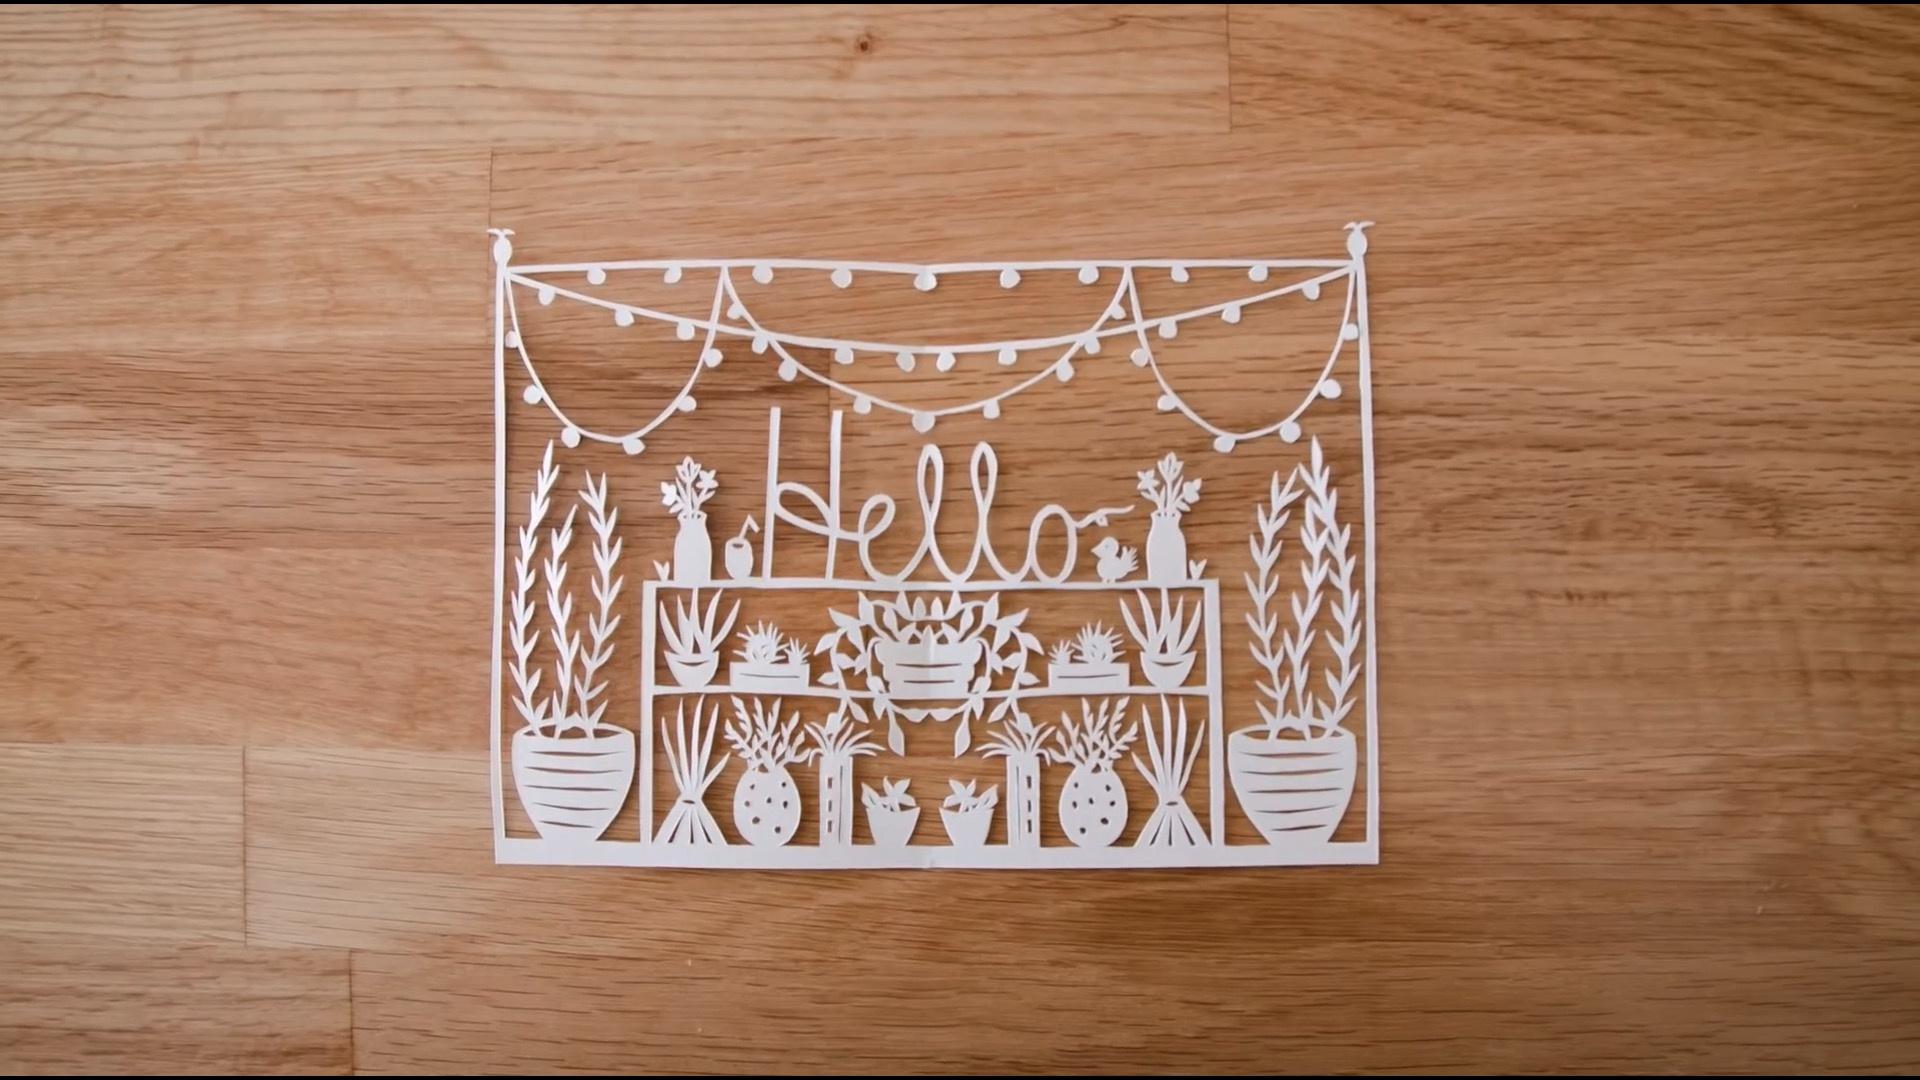 纸雕&刻纸基础知识之一:工具与基础雕刻方法